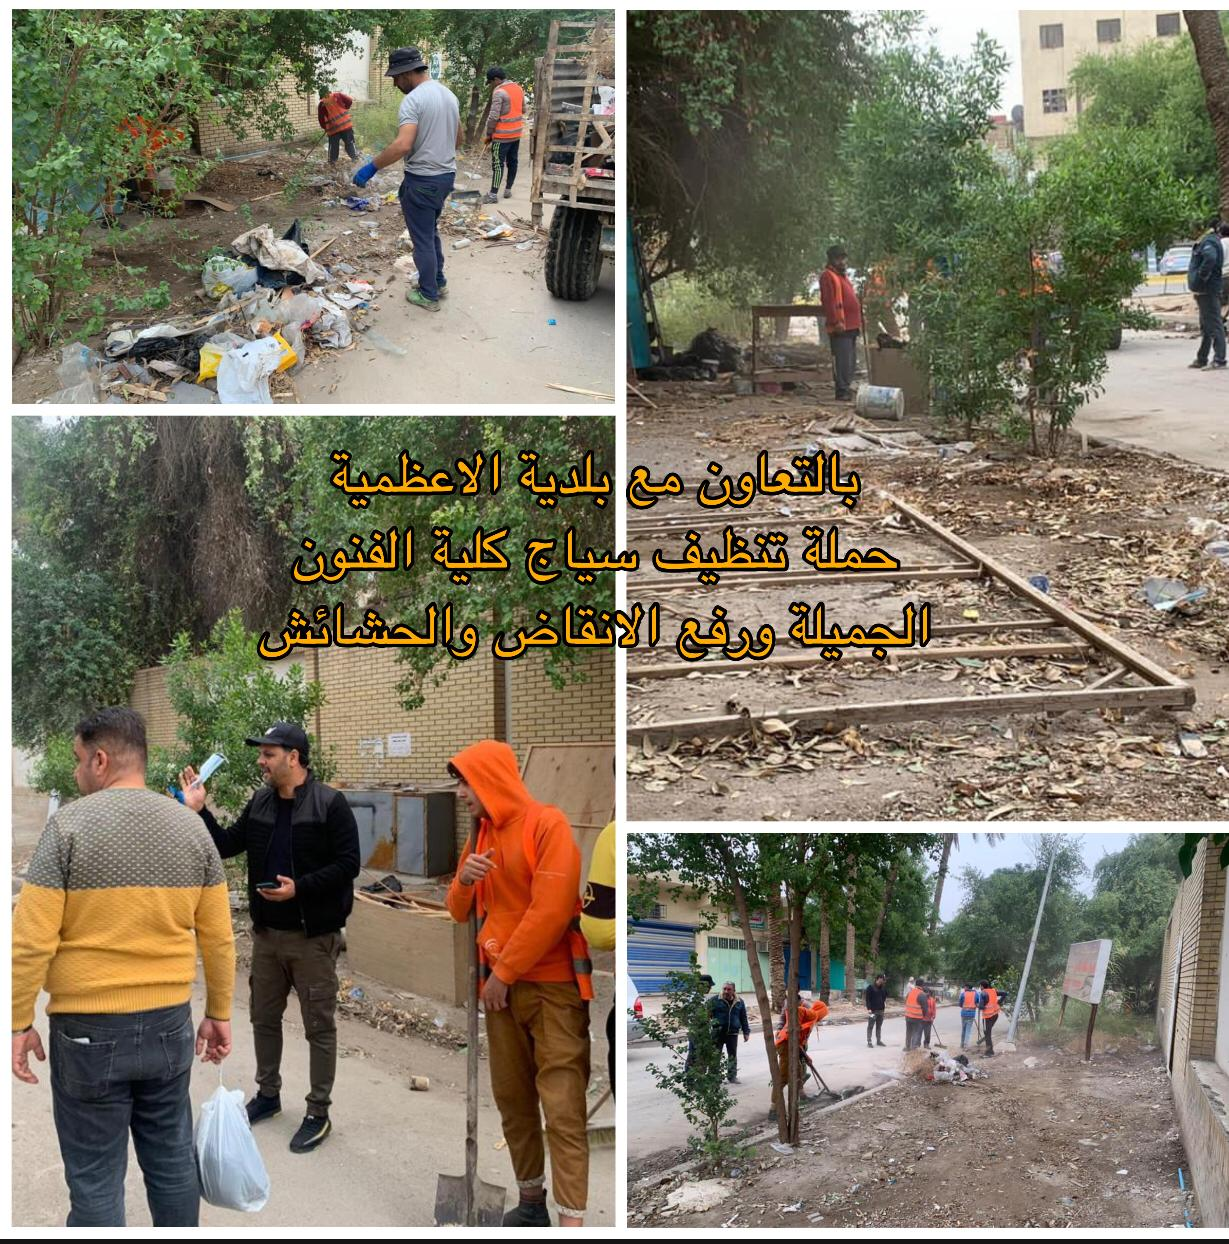 حملة لتنظيف واجهة كلية الفنون الجميلة بالتعاون مع بلدية الاعظمية